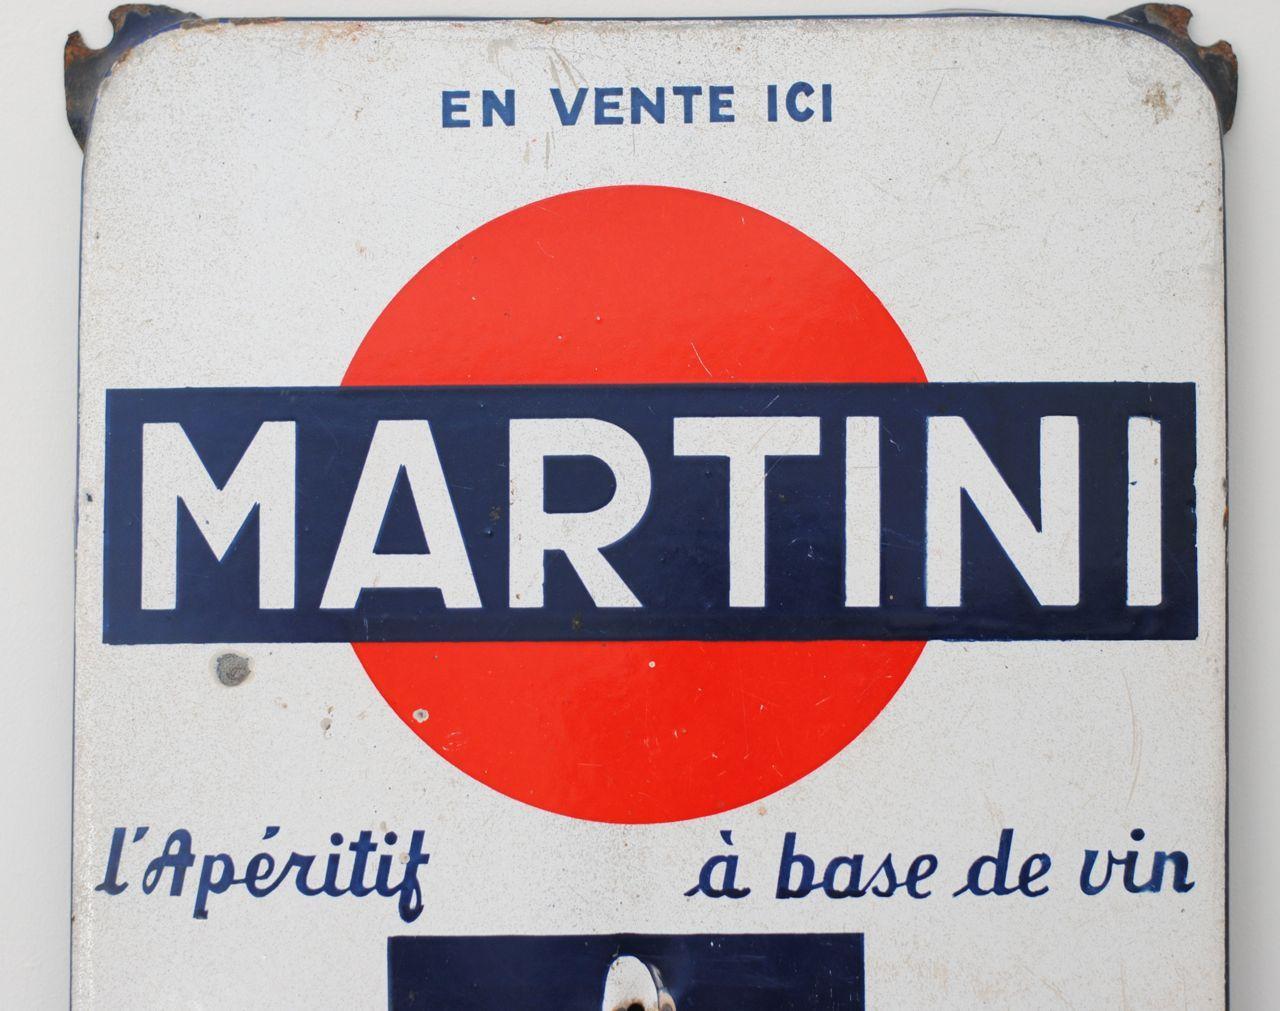 Résultats De Recherche Du0027images Pour « Martini Vintage Poster »